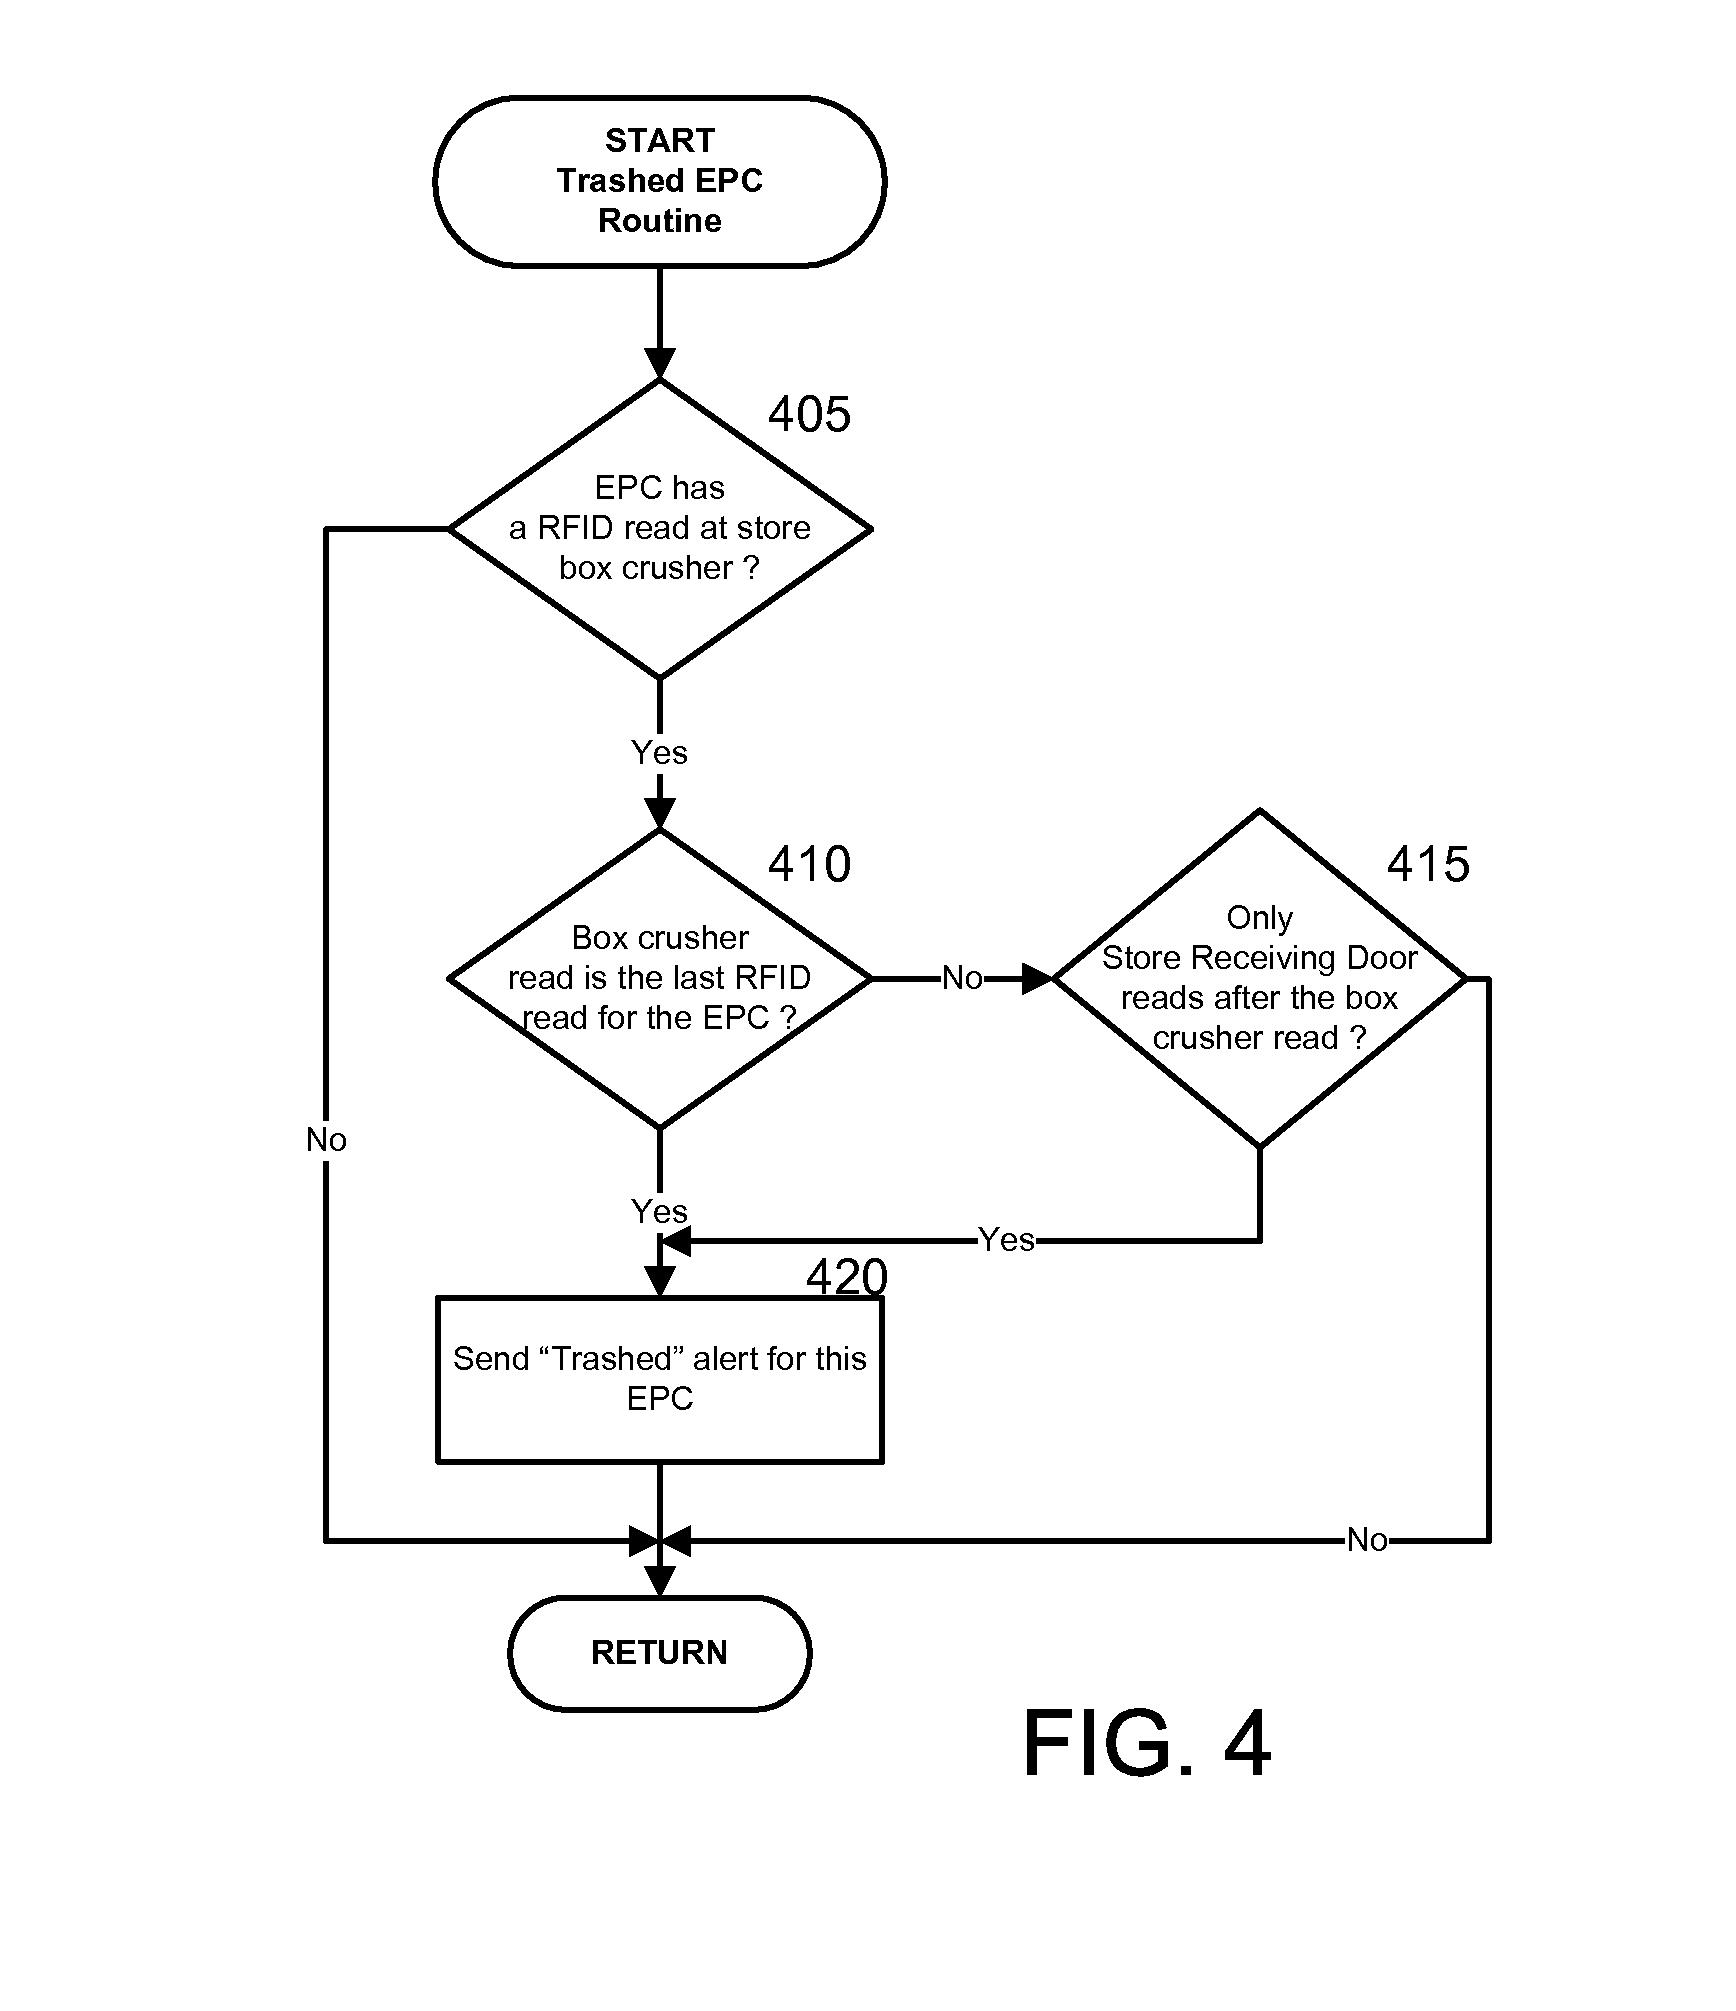 point of sale process flow diagram